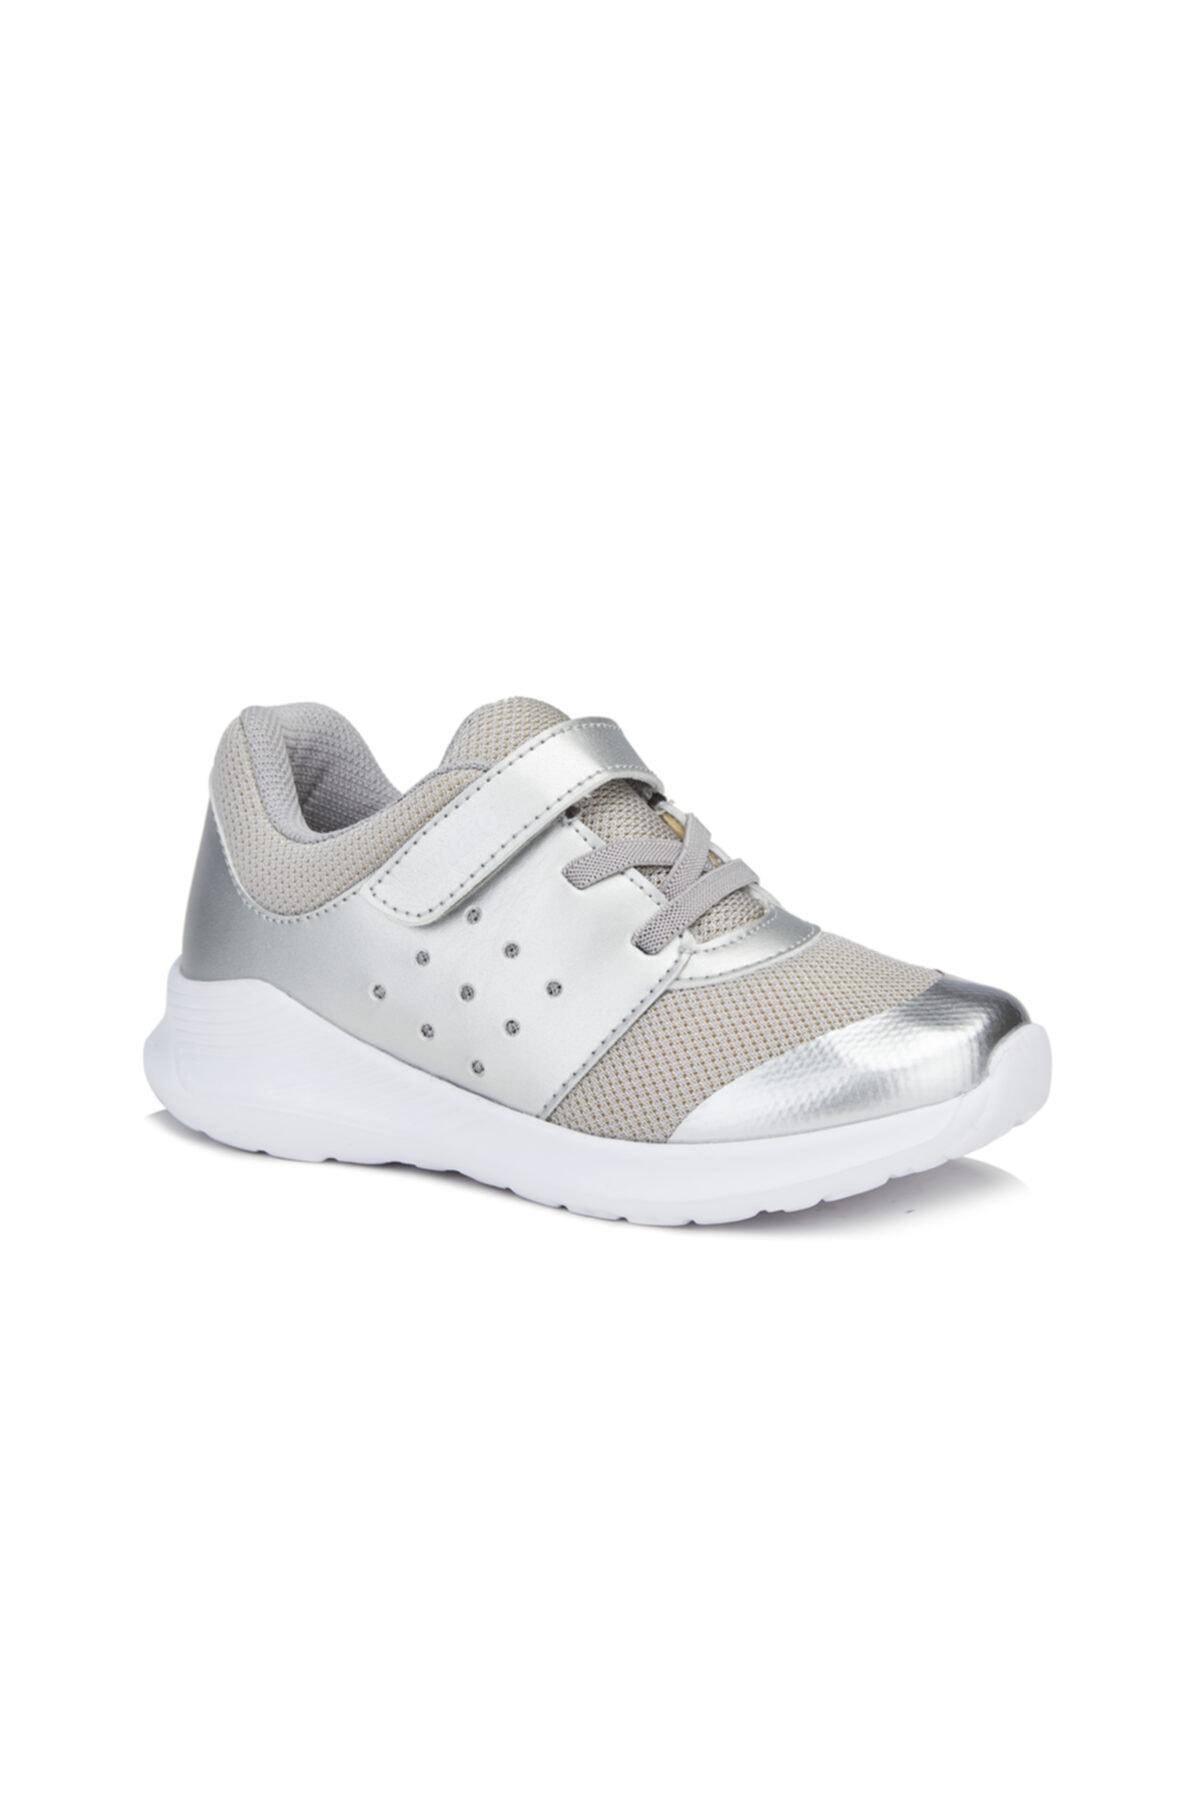 Vicco Mario Kız Çocuk Gümüş Spor Ayakkabı 1